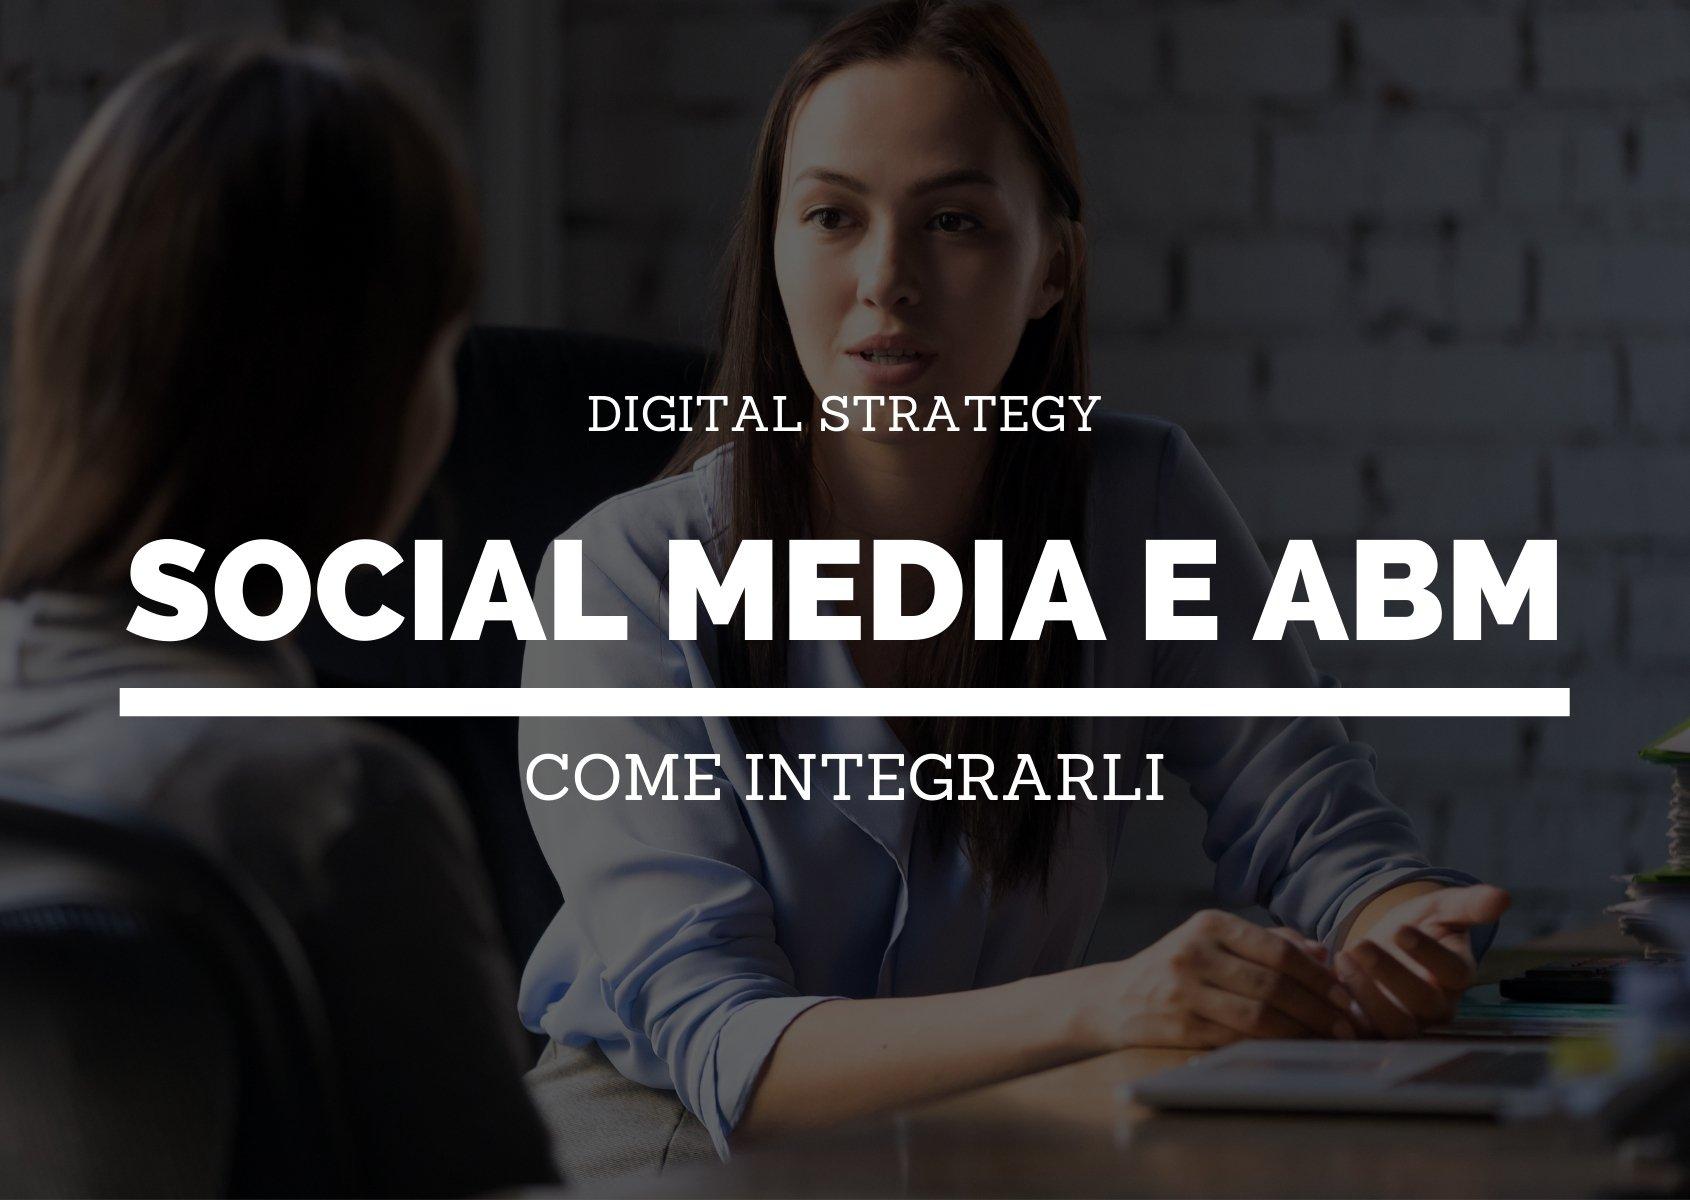 Socialmedia-abm-header